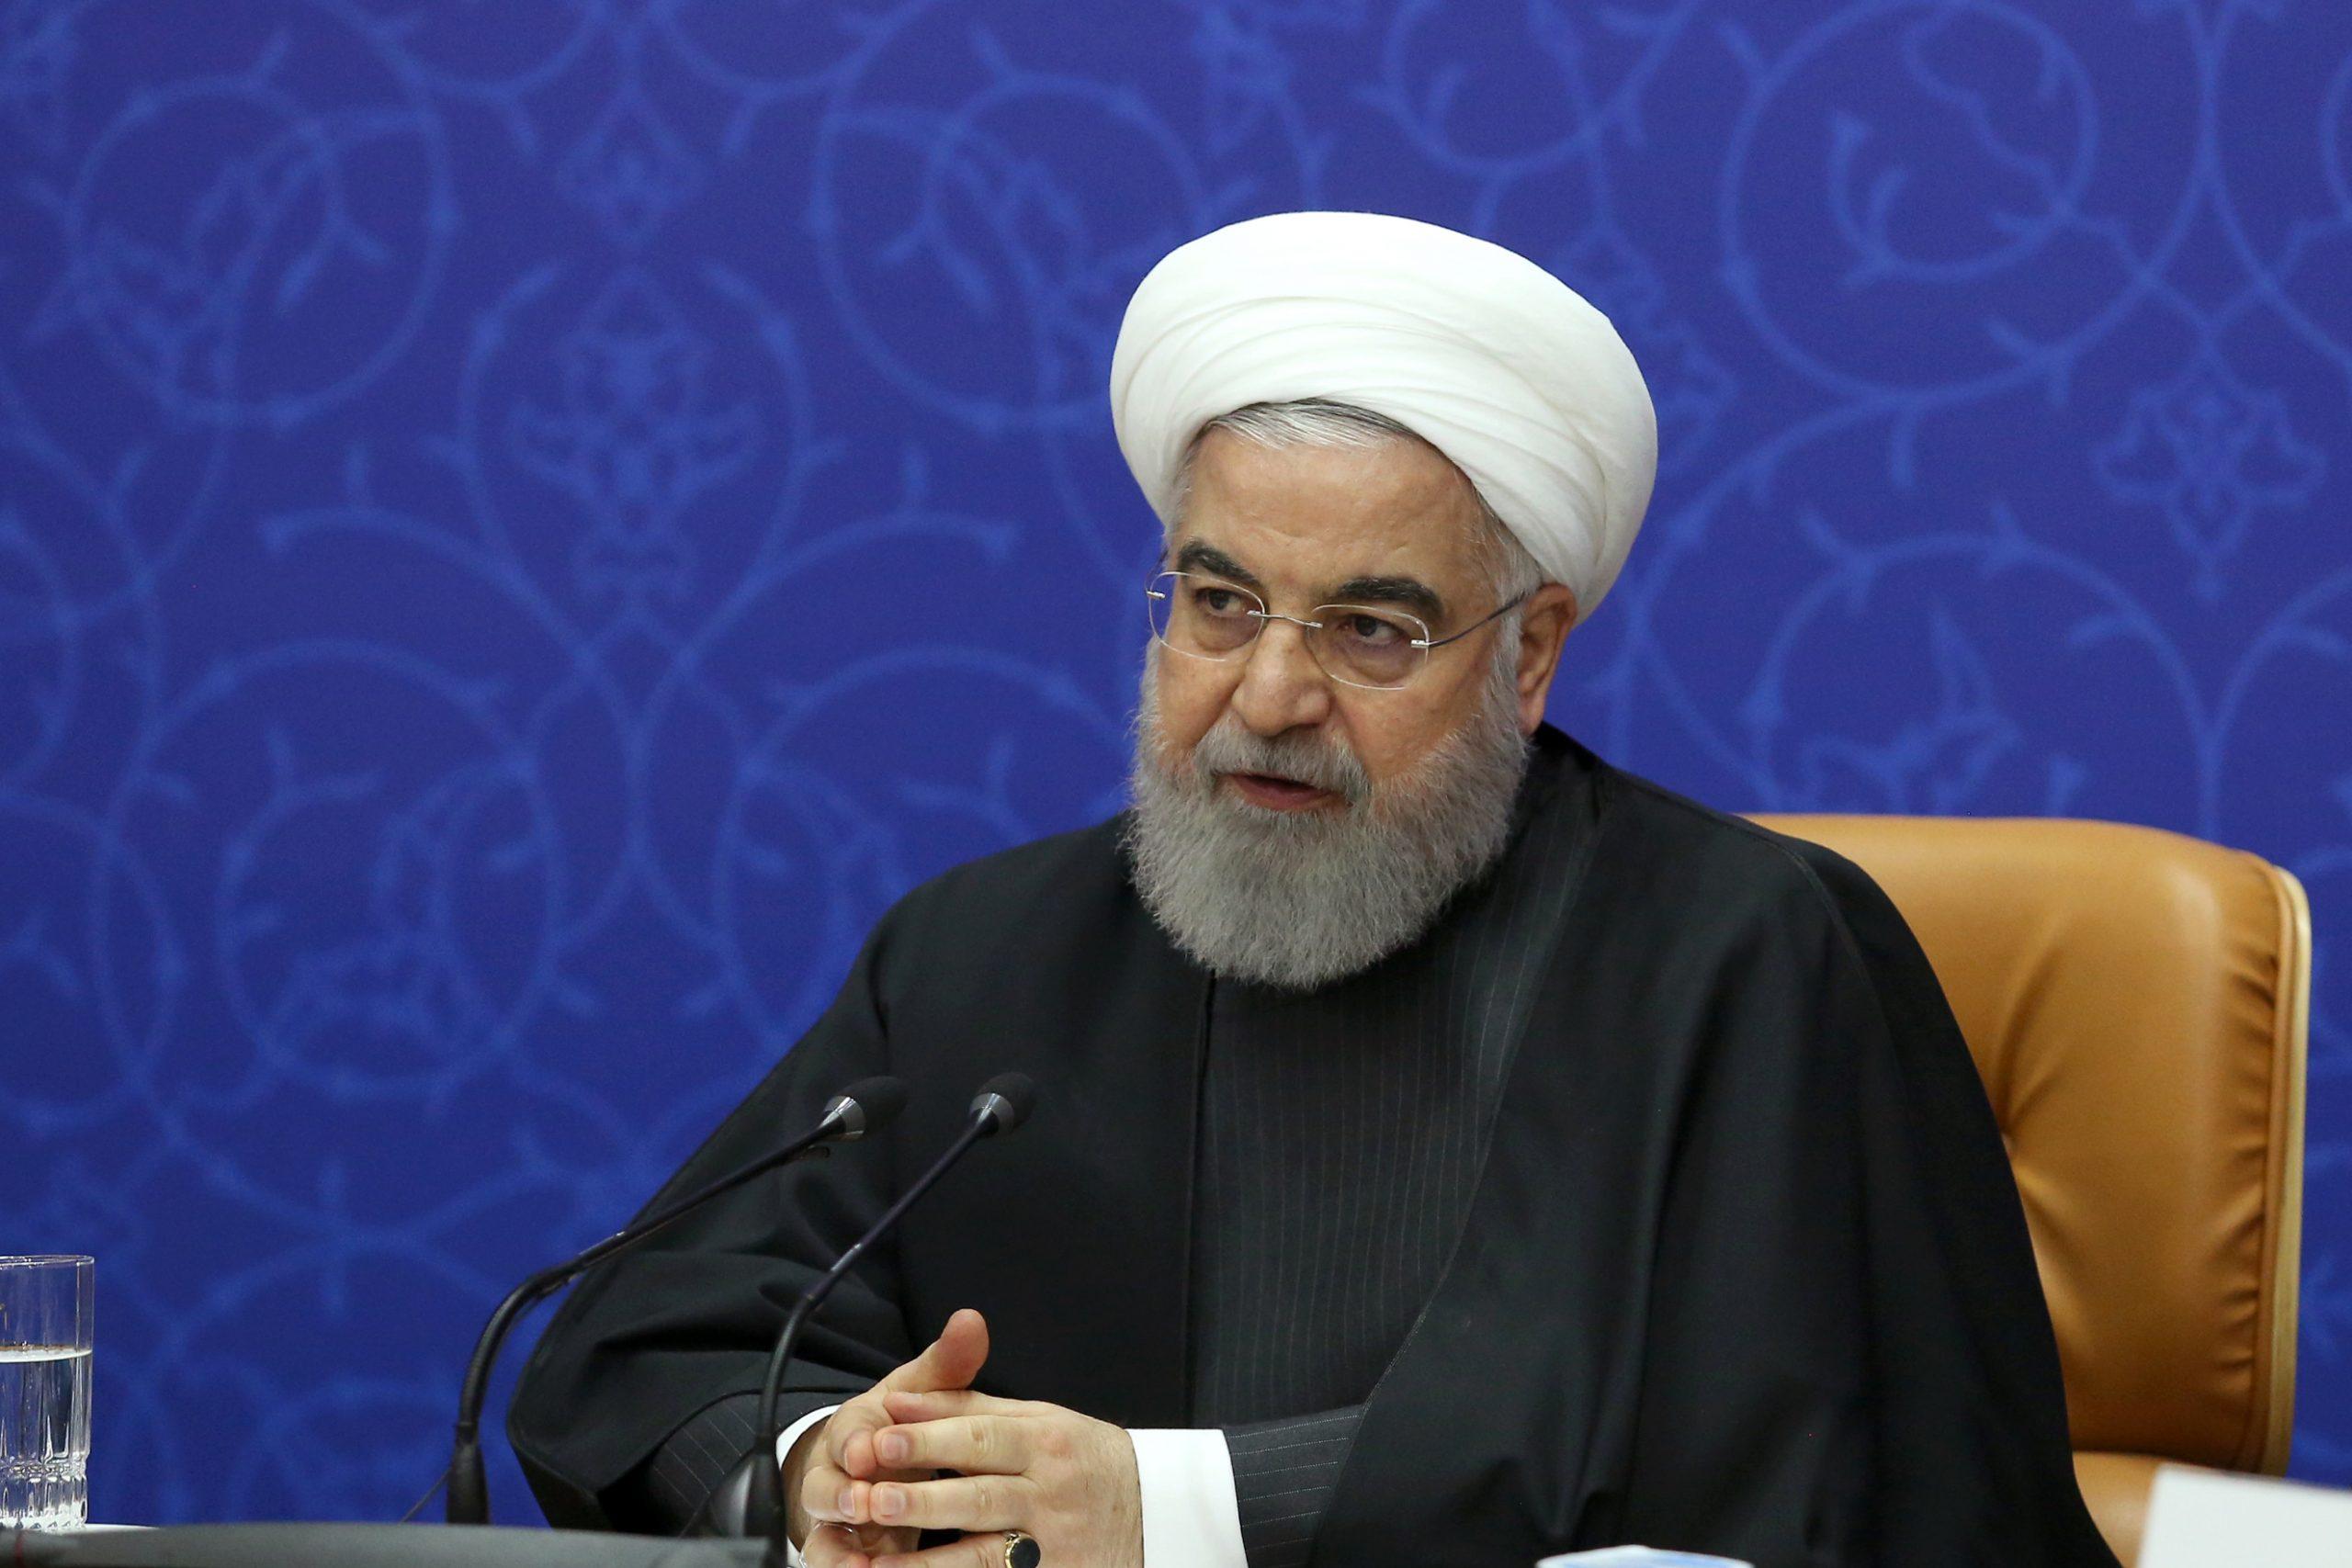 روحانی: خردهفرمایشهای برخی درباره وعدههای دولت منطقی نیست/ درآمد پتروشیمی در سال ۱۴۰۰ به ۲۵ میلیارد دلار میرسد